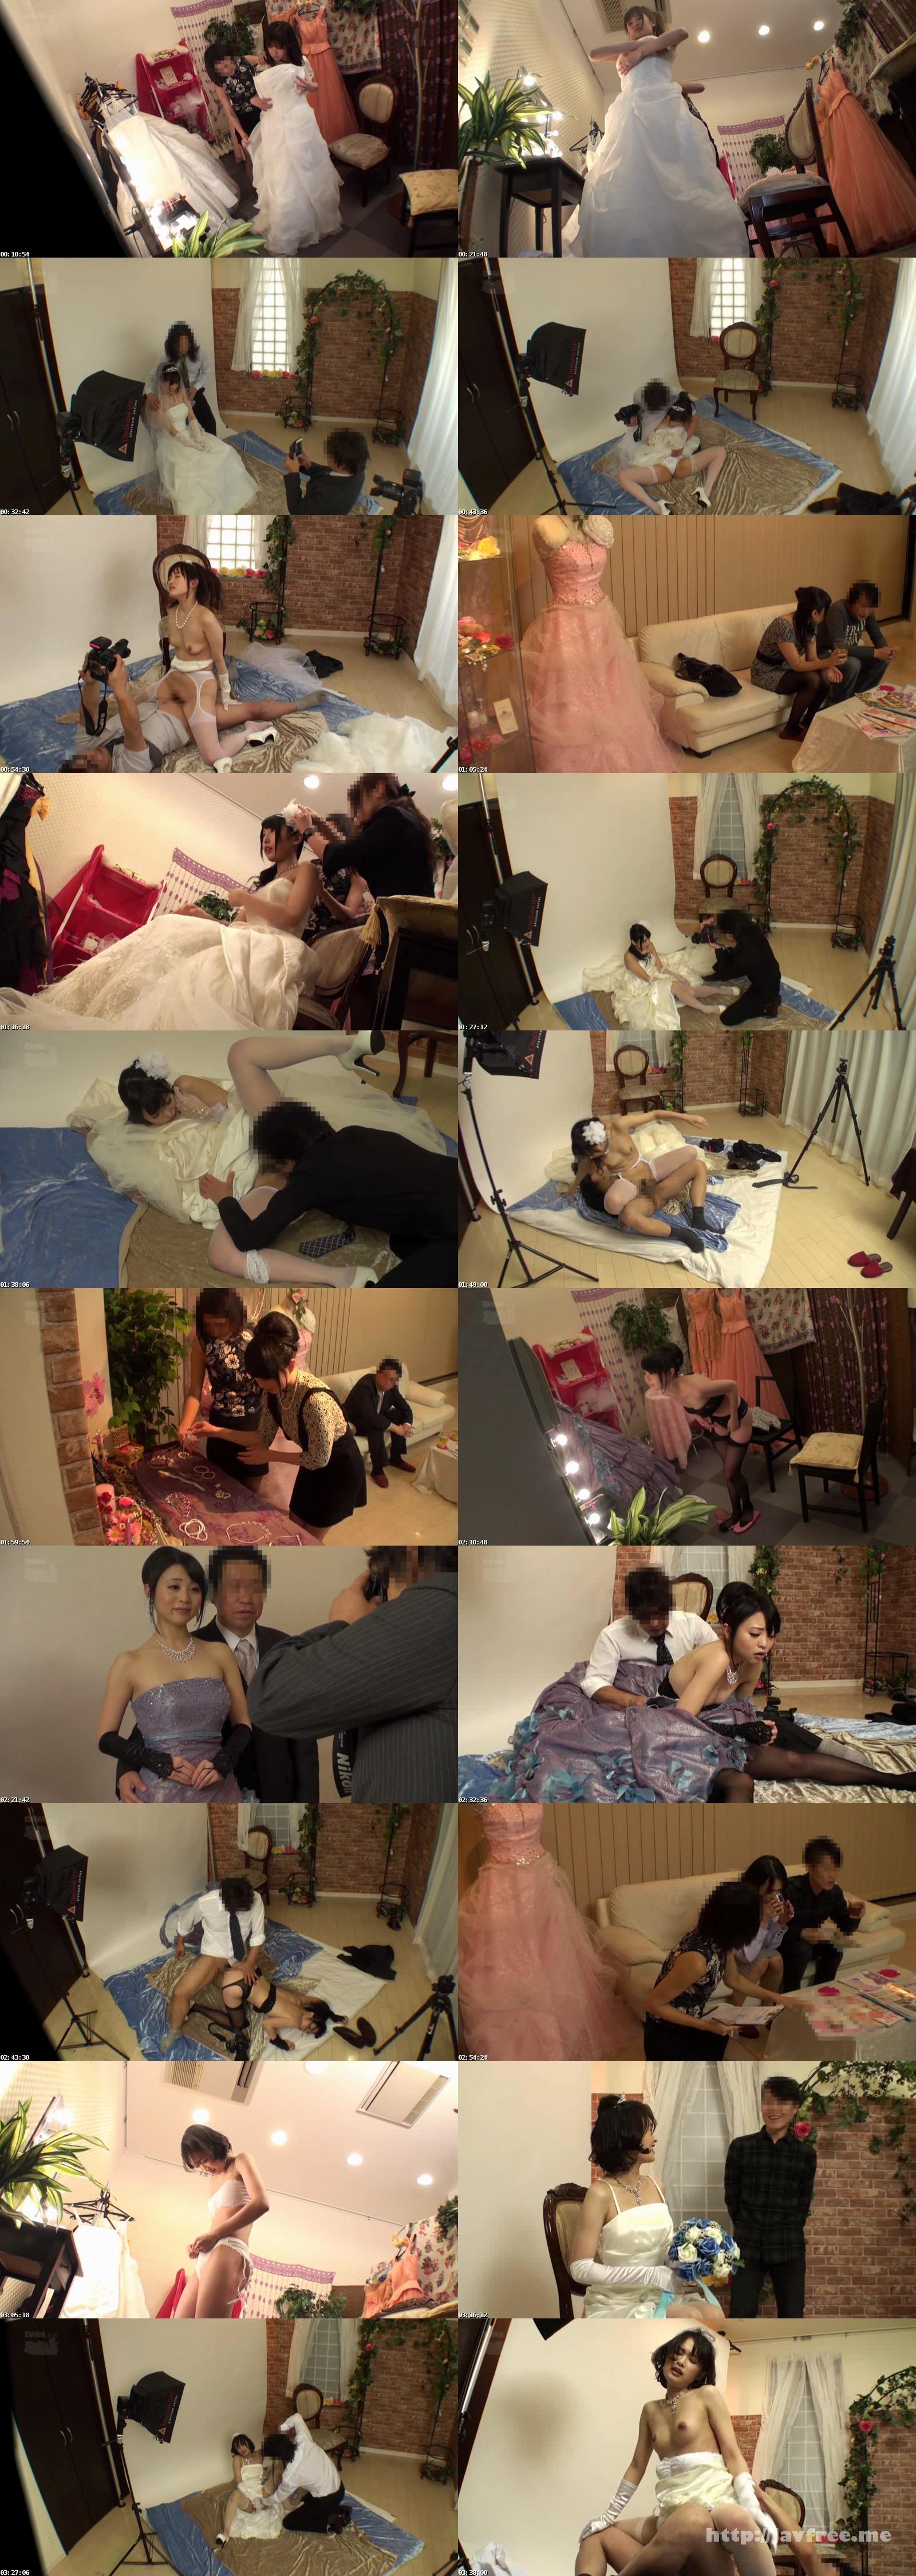 [CLUB-181] 結婚式前に写真スタジオで撮影するカップルの新郎が待つ隣で新婦を寝取りレイプ4 - image CLUB-181 on https://javfree.me